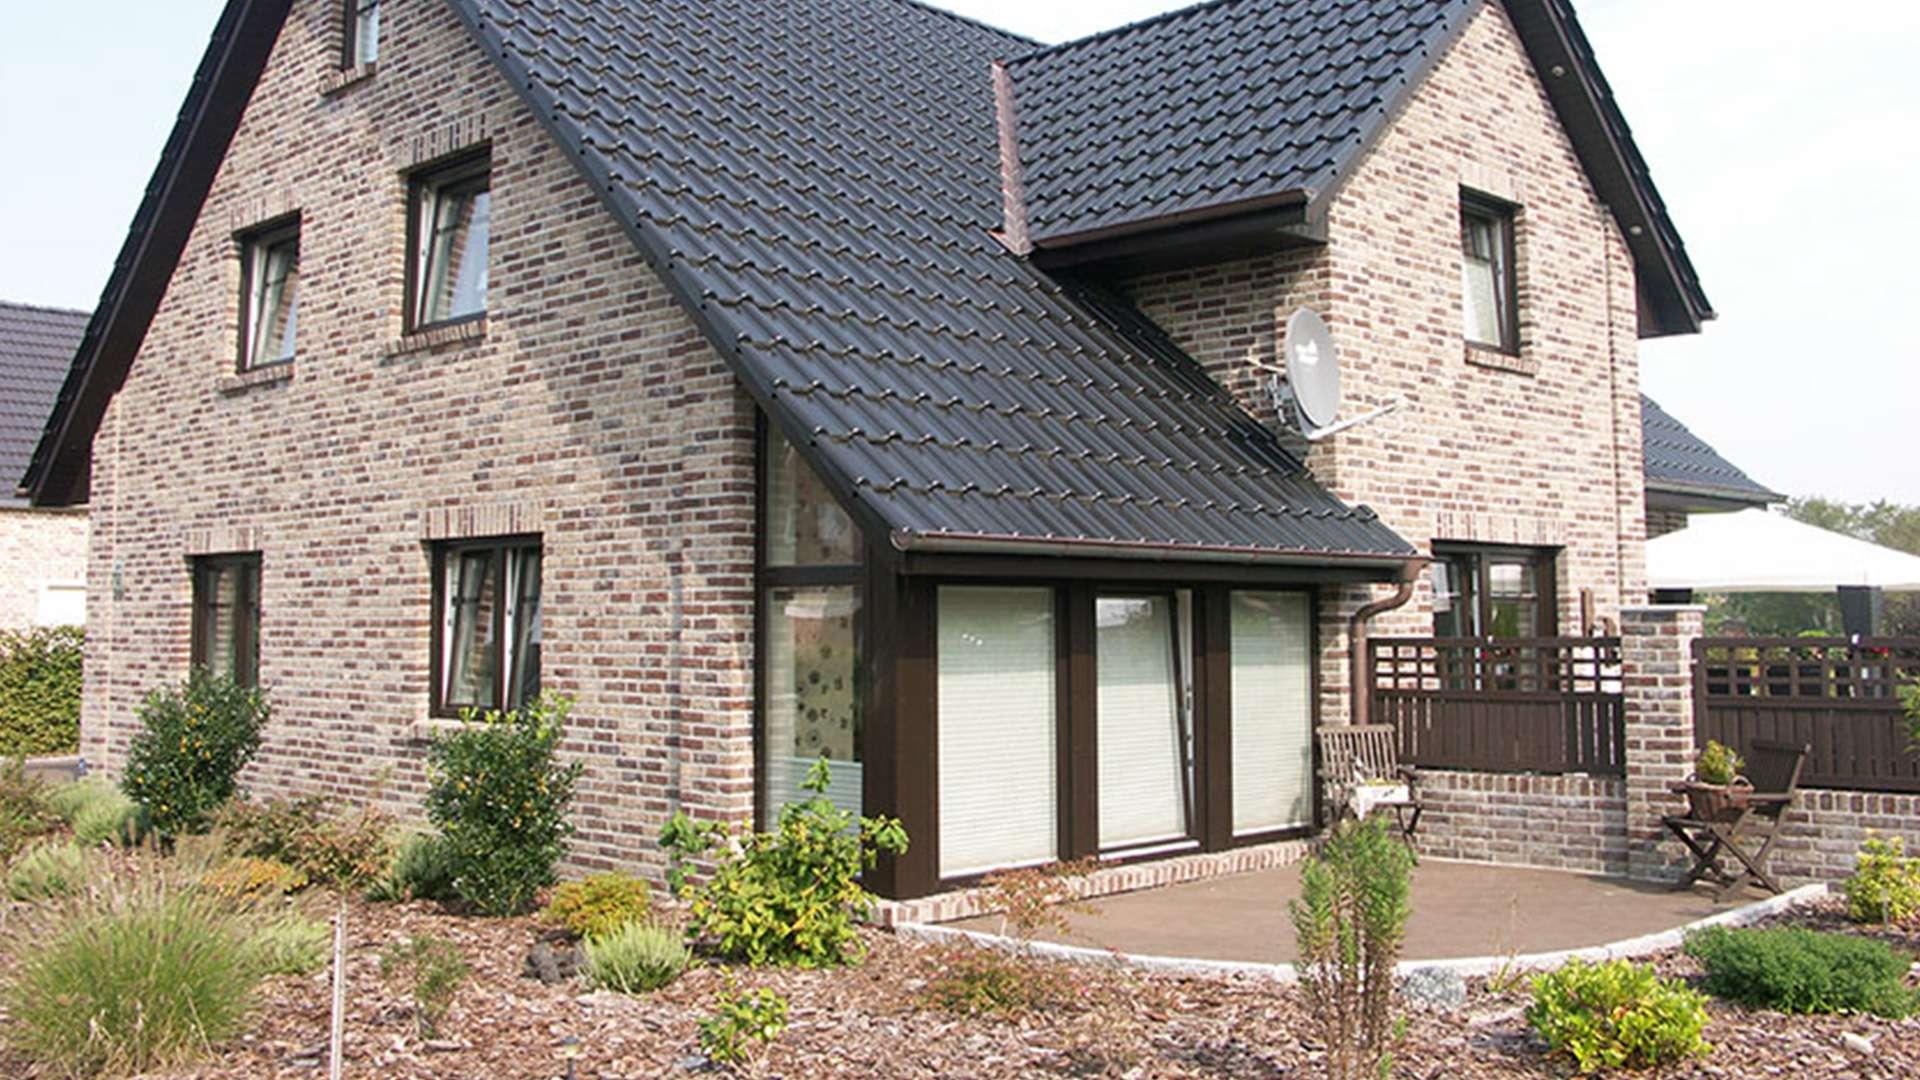 Einfamilienhaus mit Haustür und vielen Fenstern